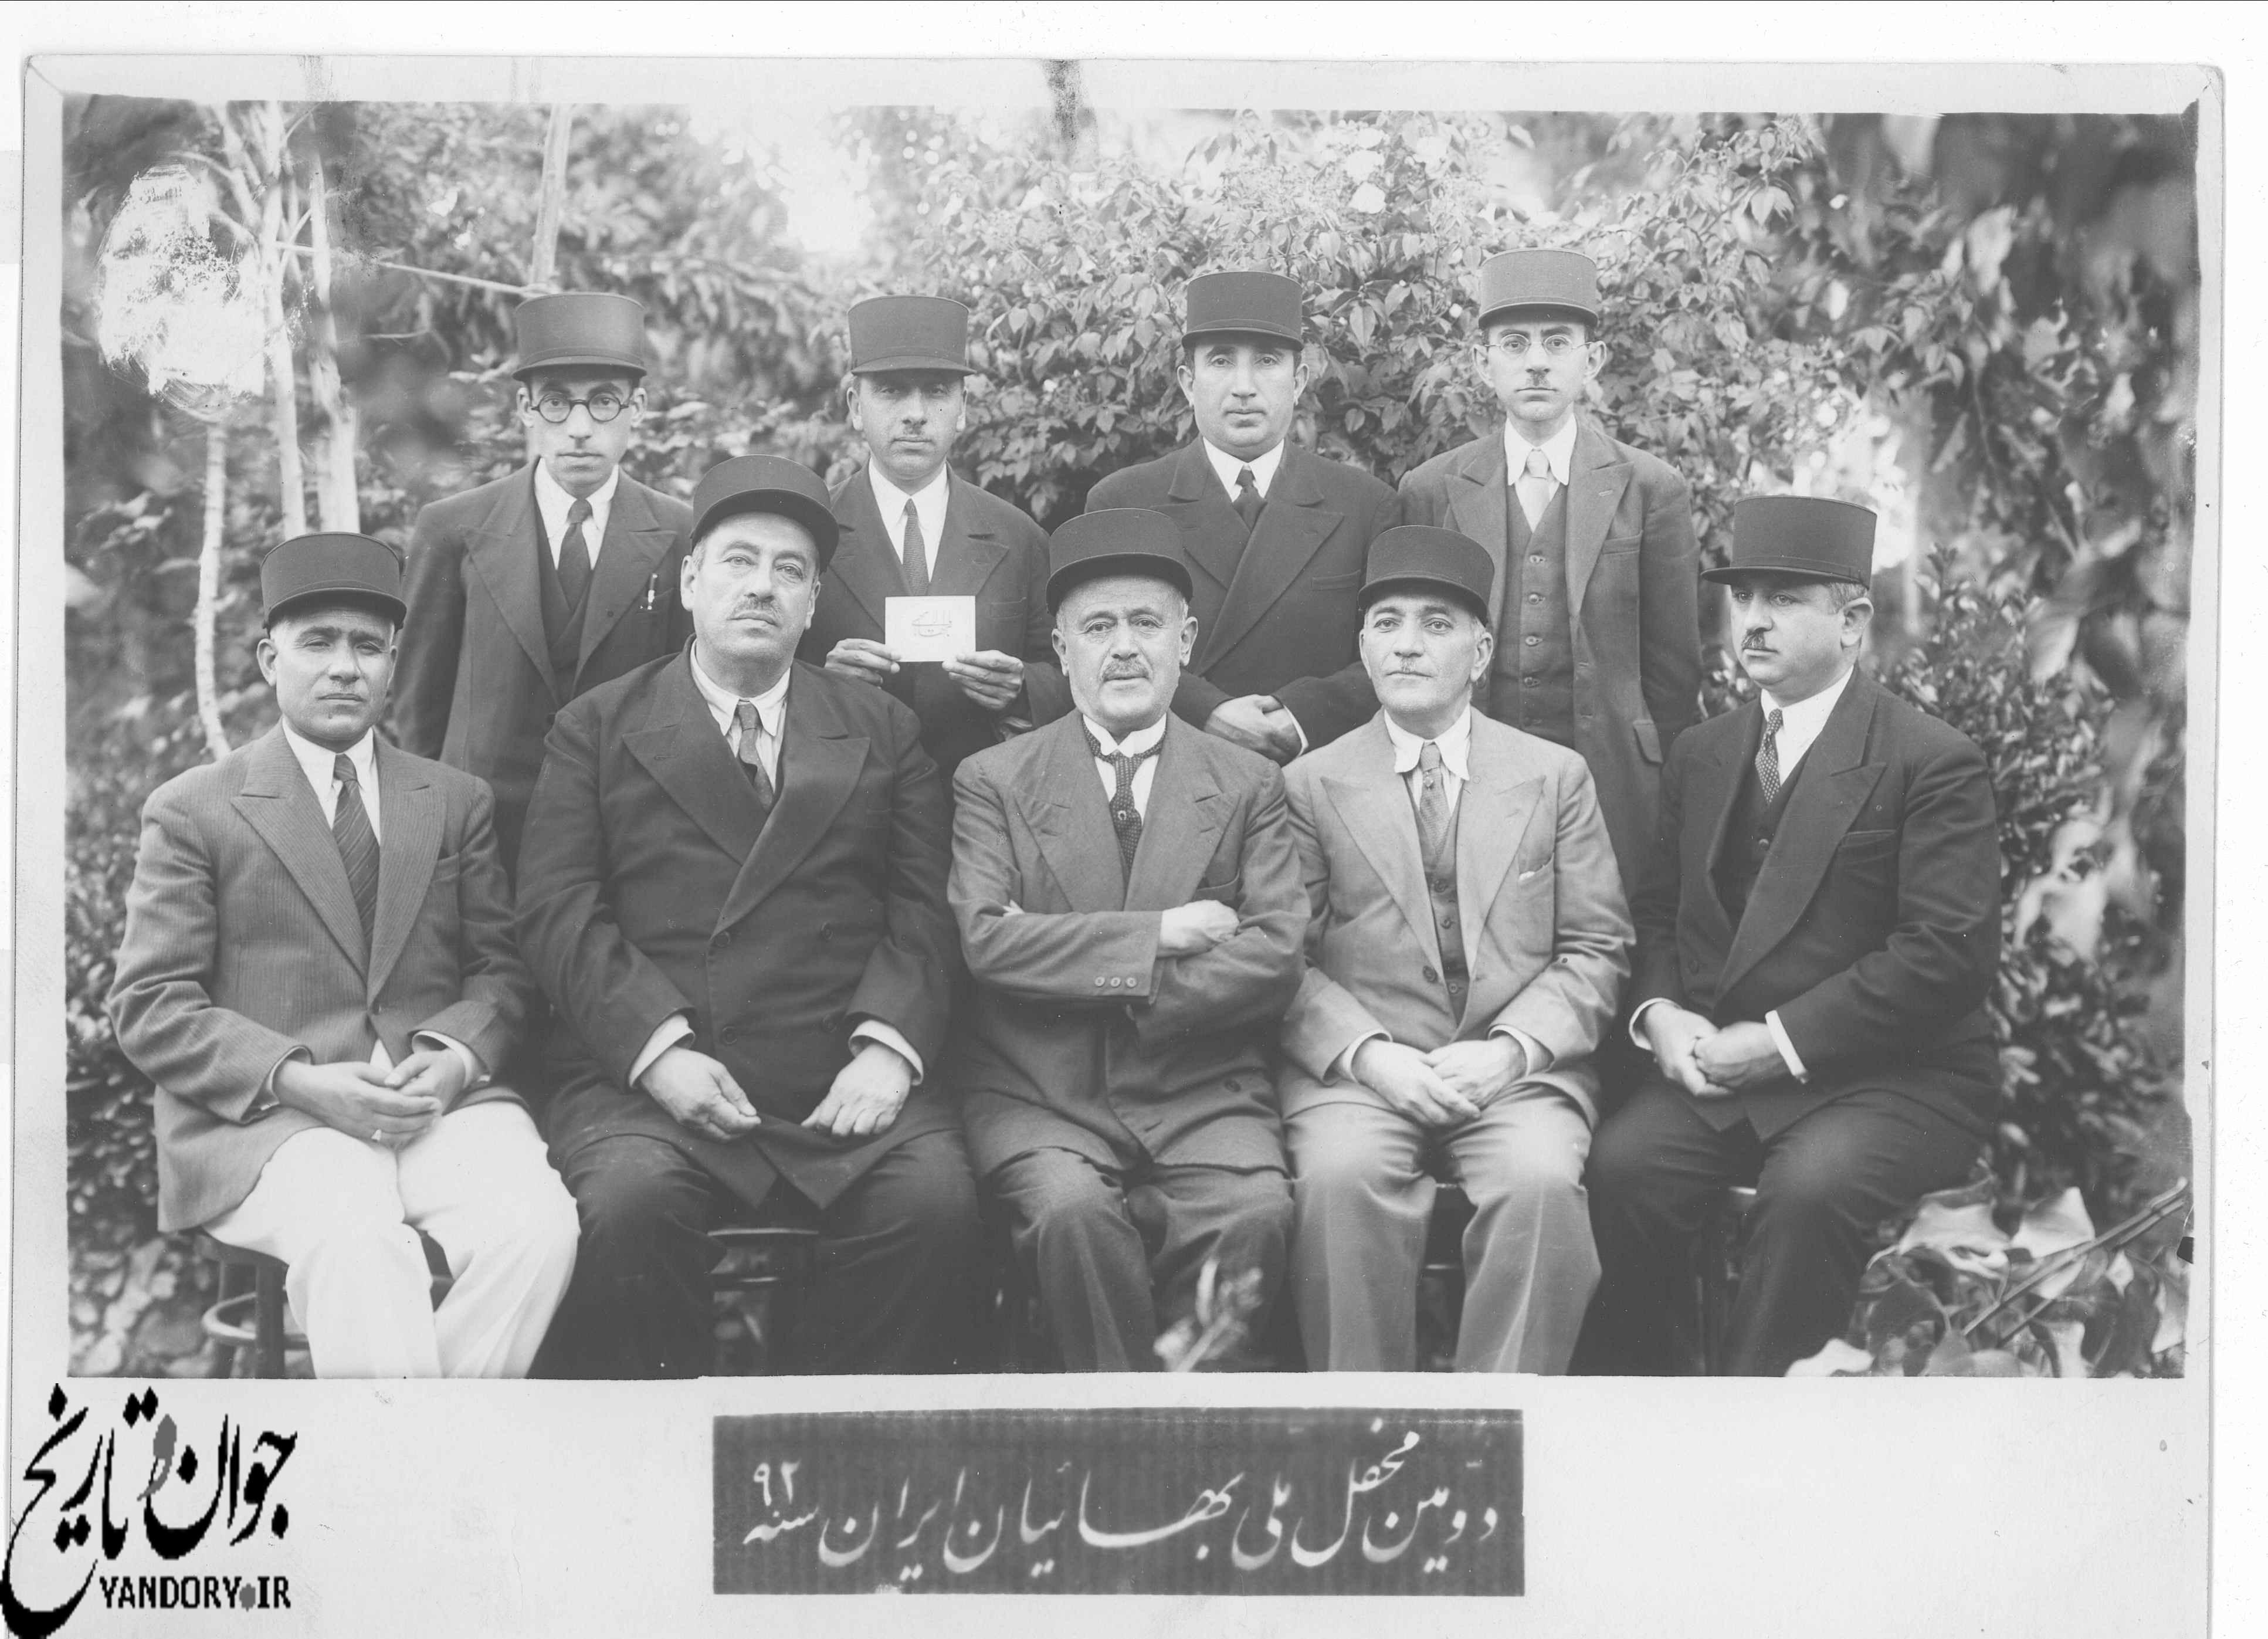 نمایندگان محفل ملی بهائیان